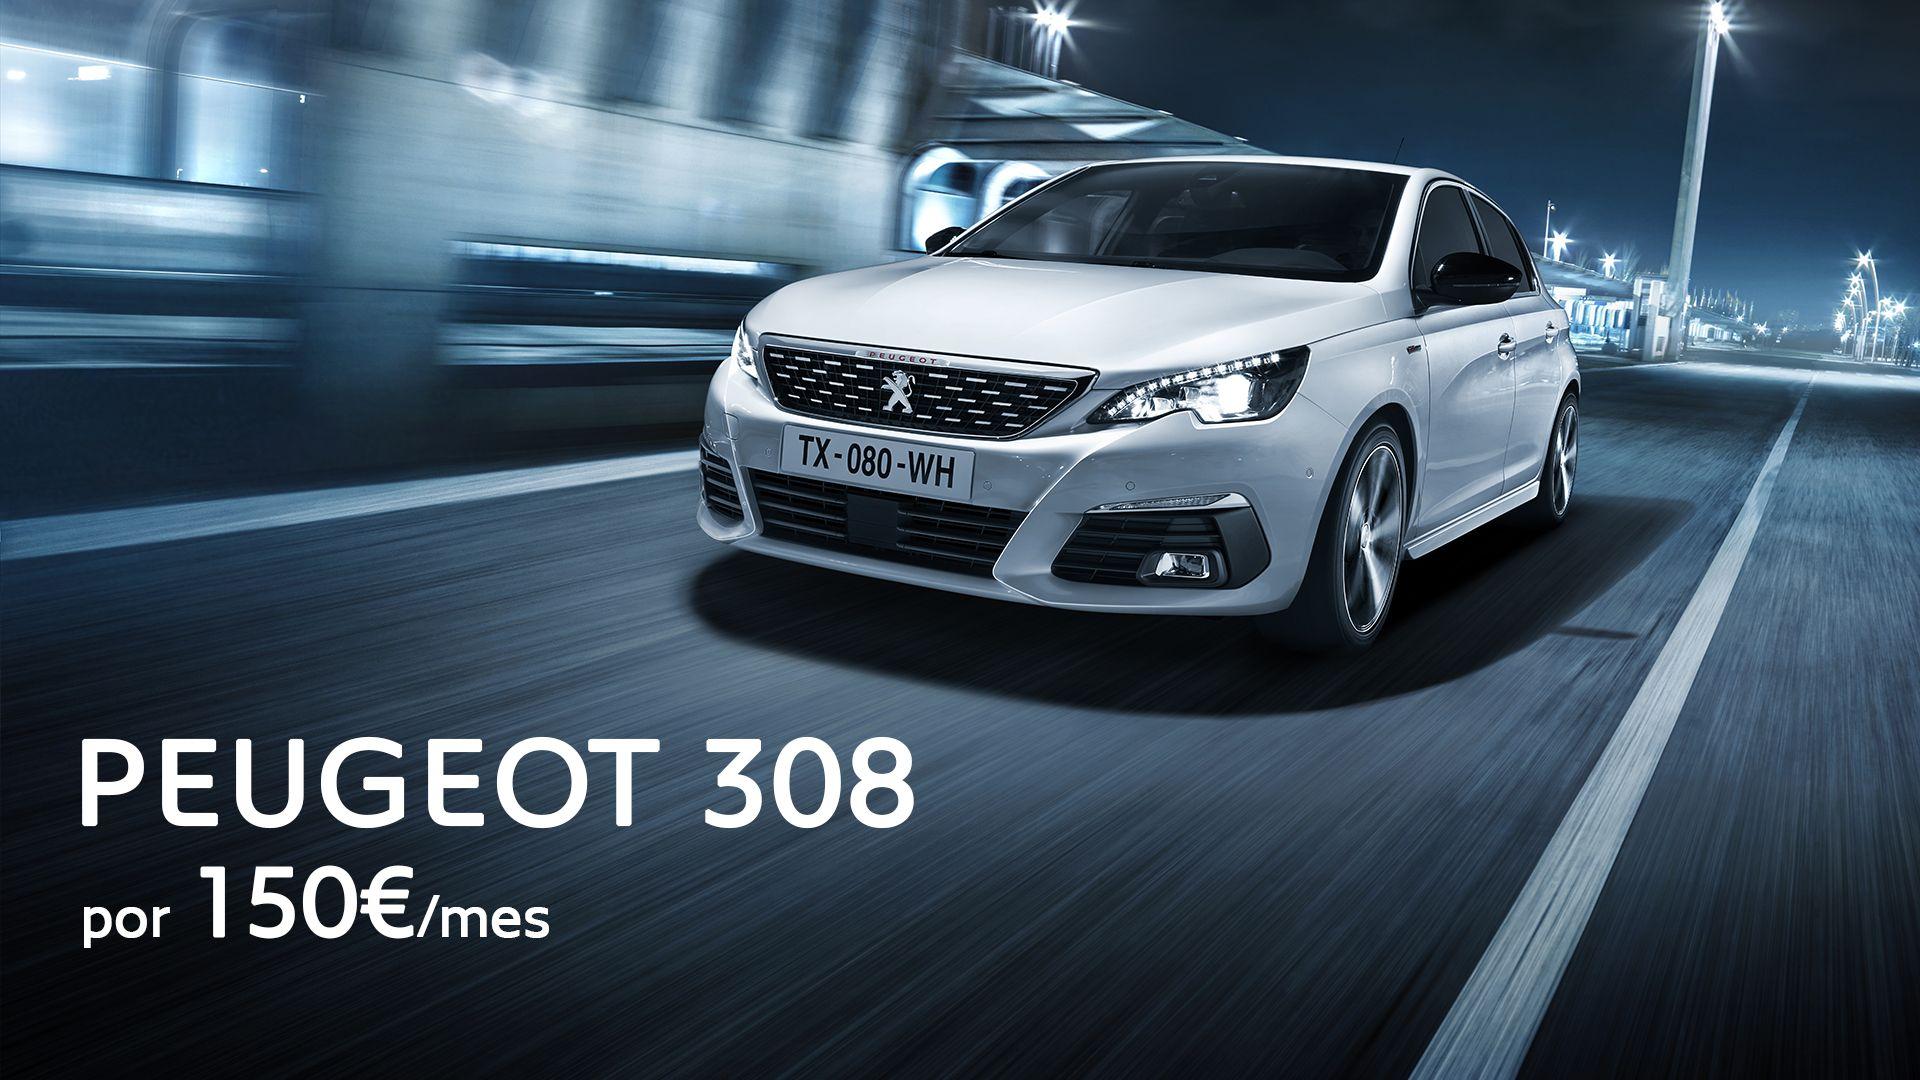 Vive la experiencia de conducir un Peugeot 308 por 150€/mes